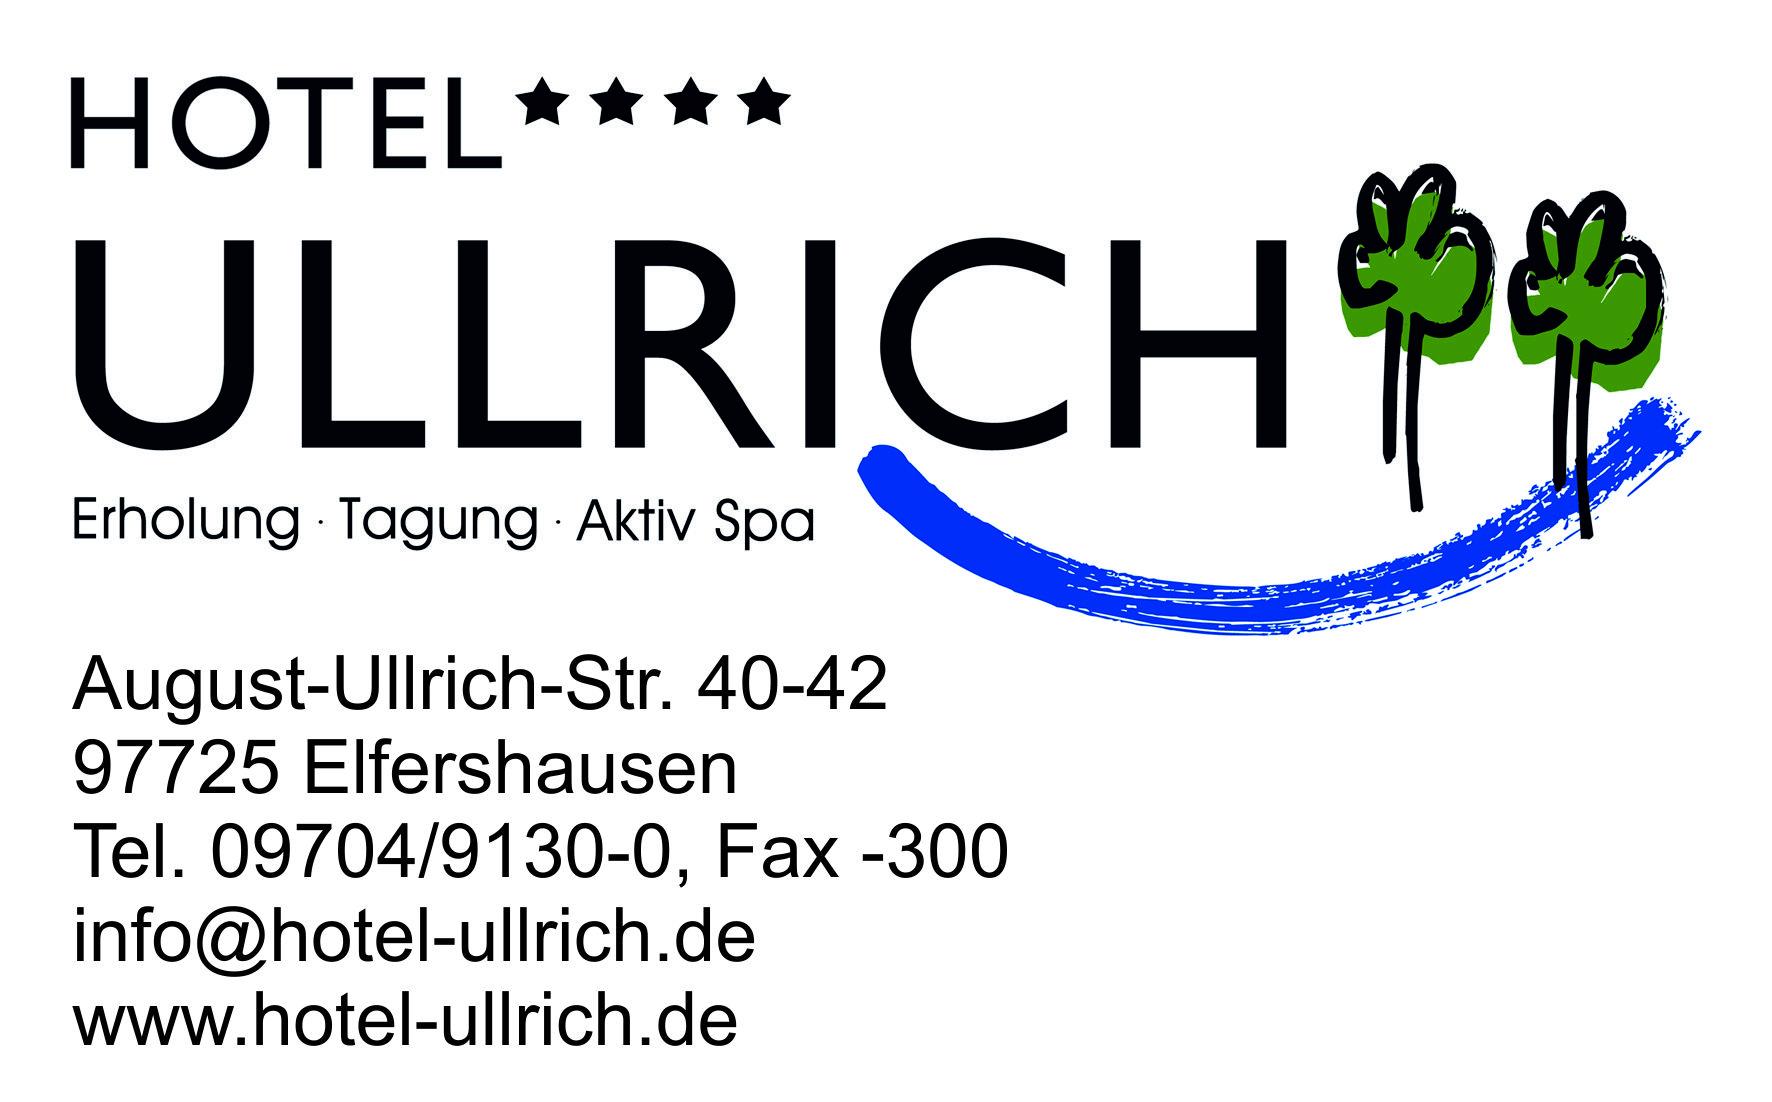 http://www.hotel-ullrich.de